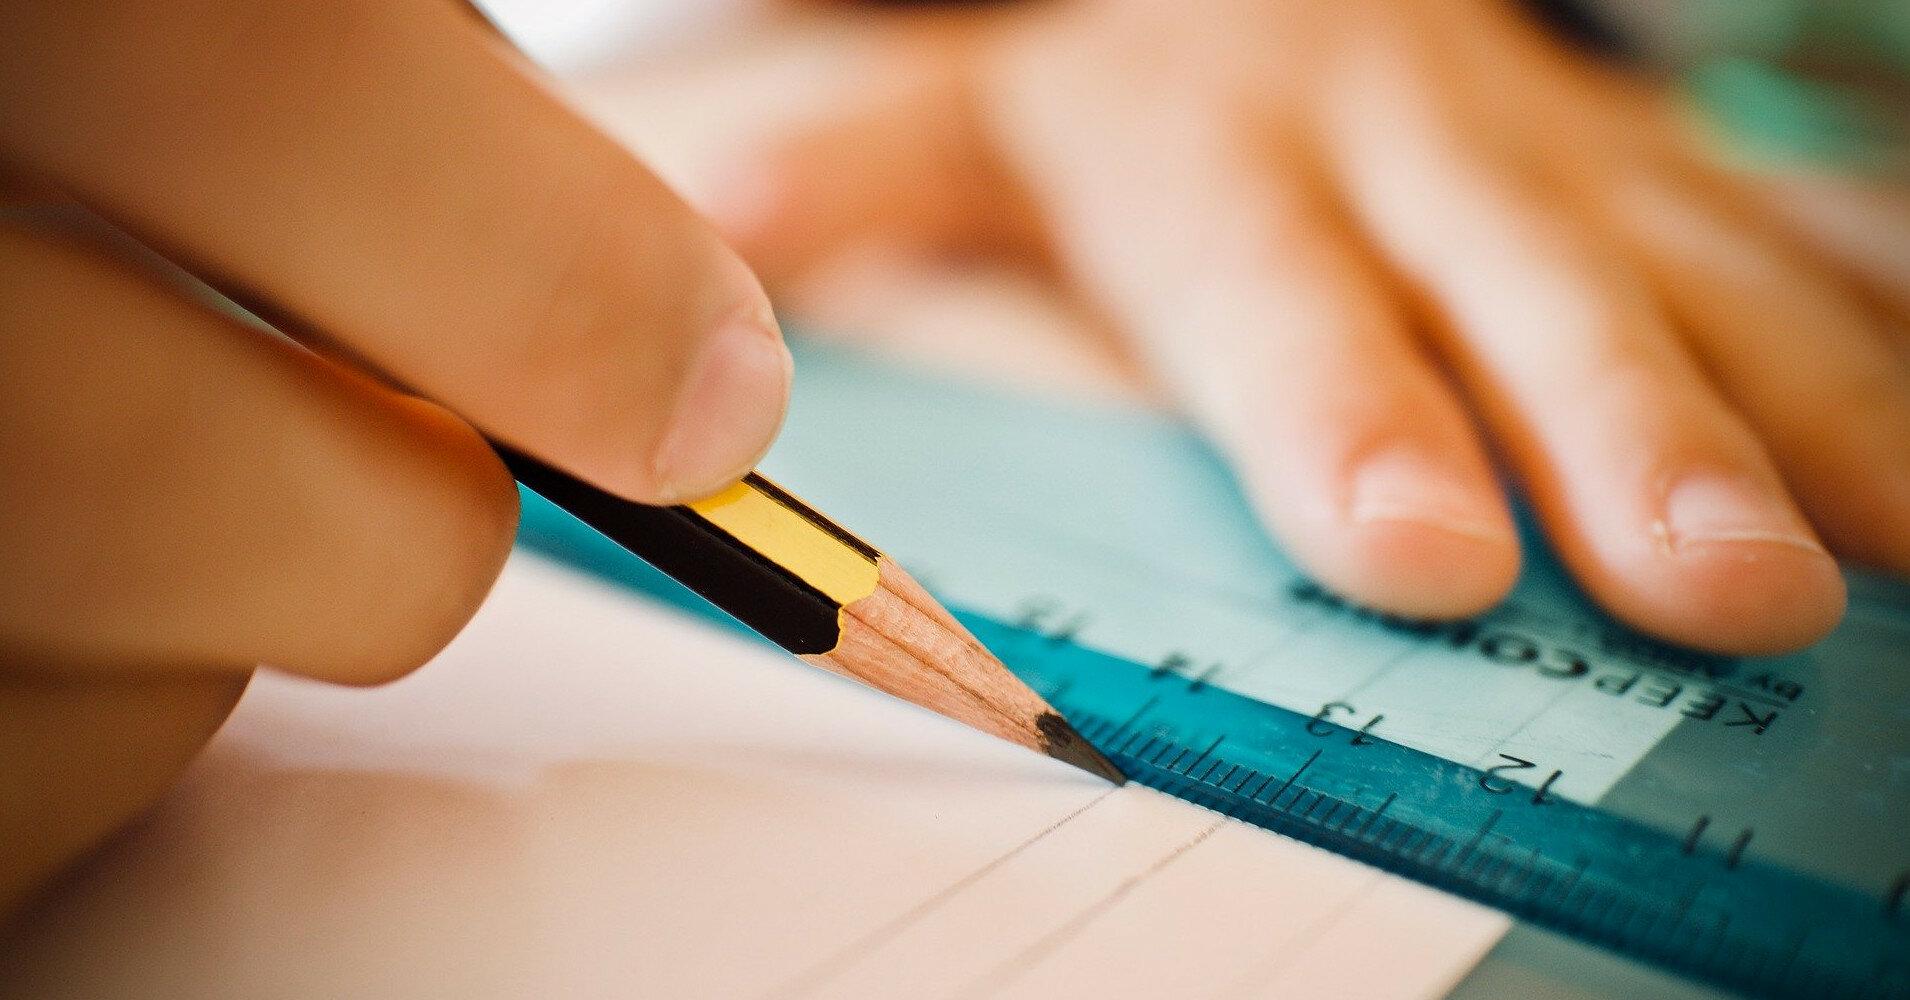 ВНО по математике: обнародована явка на тестирование